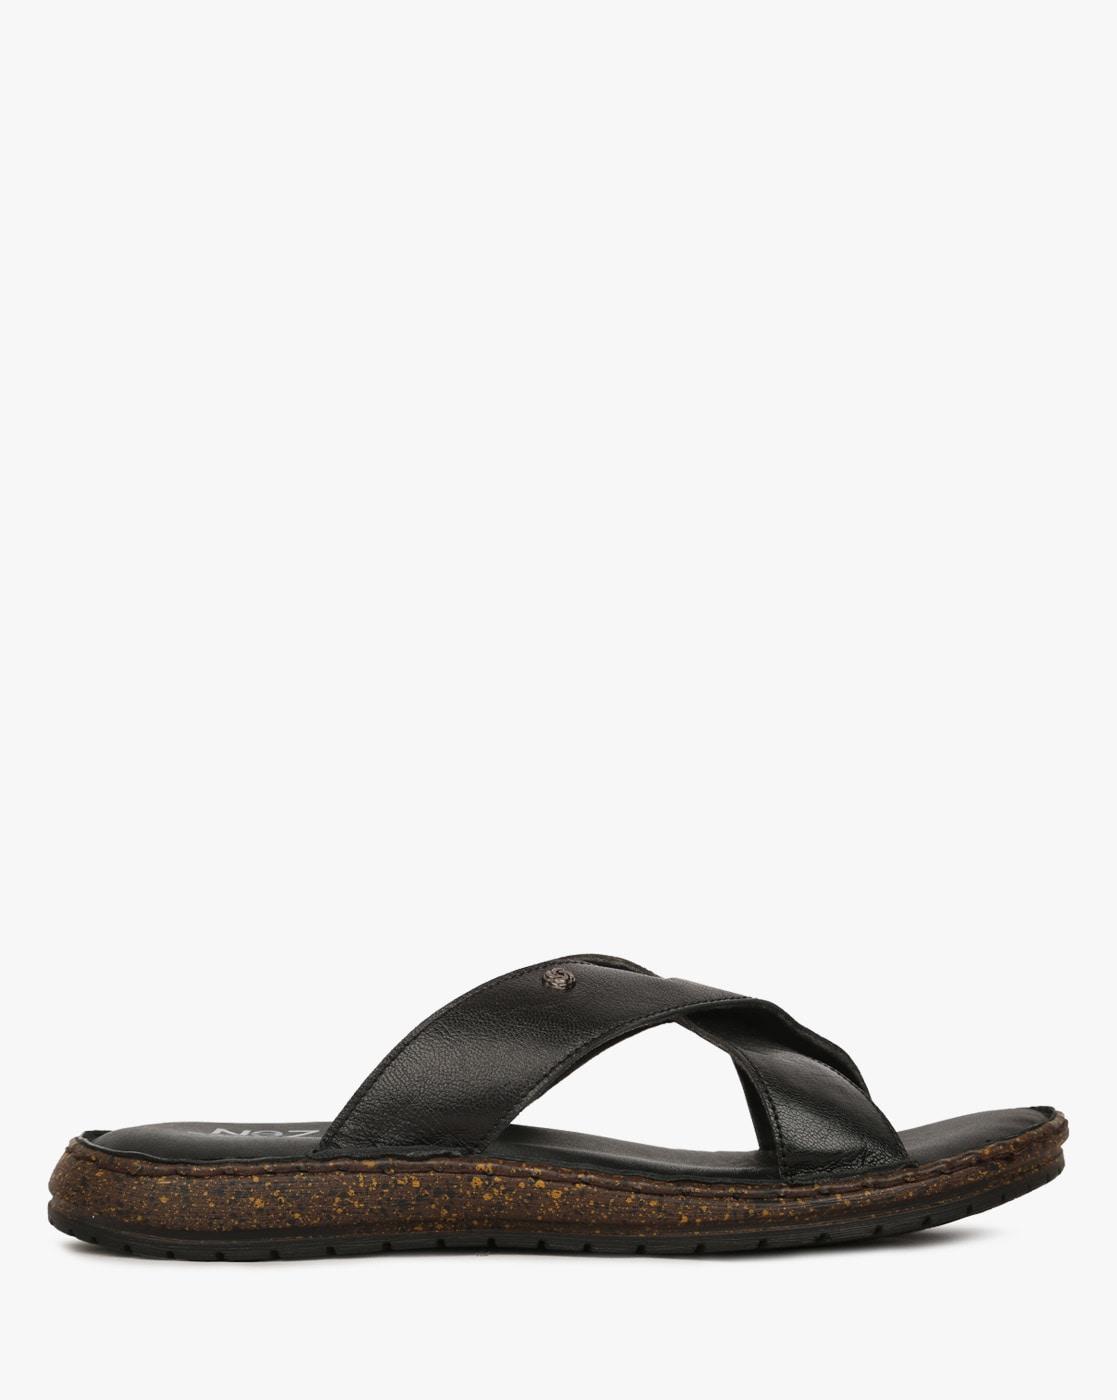 83f11d09b48d Buy Black Sandals for Men by NEZ Online